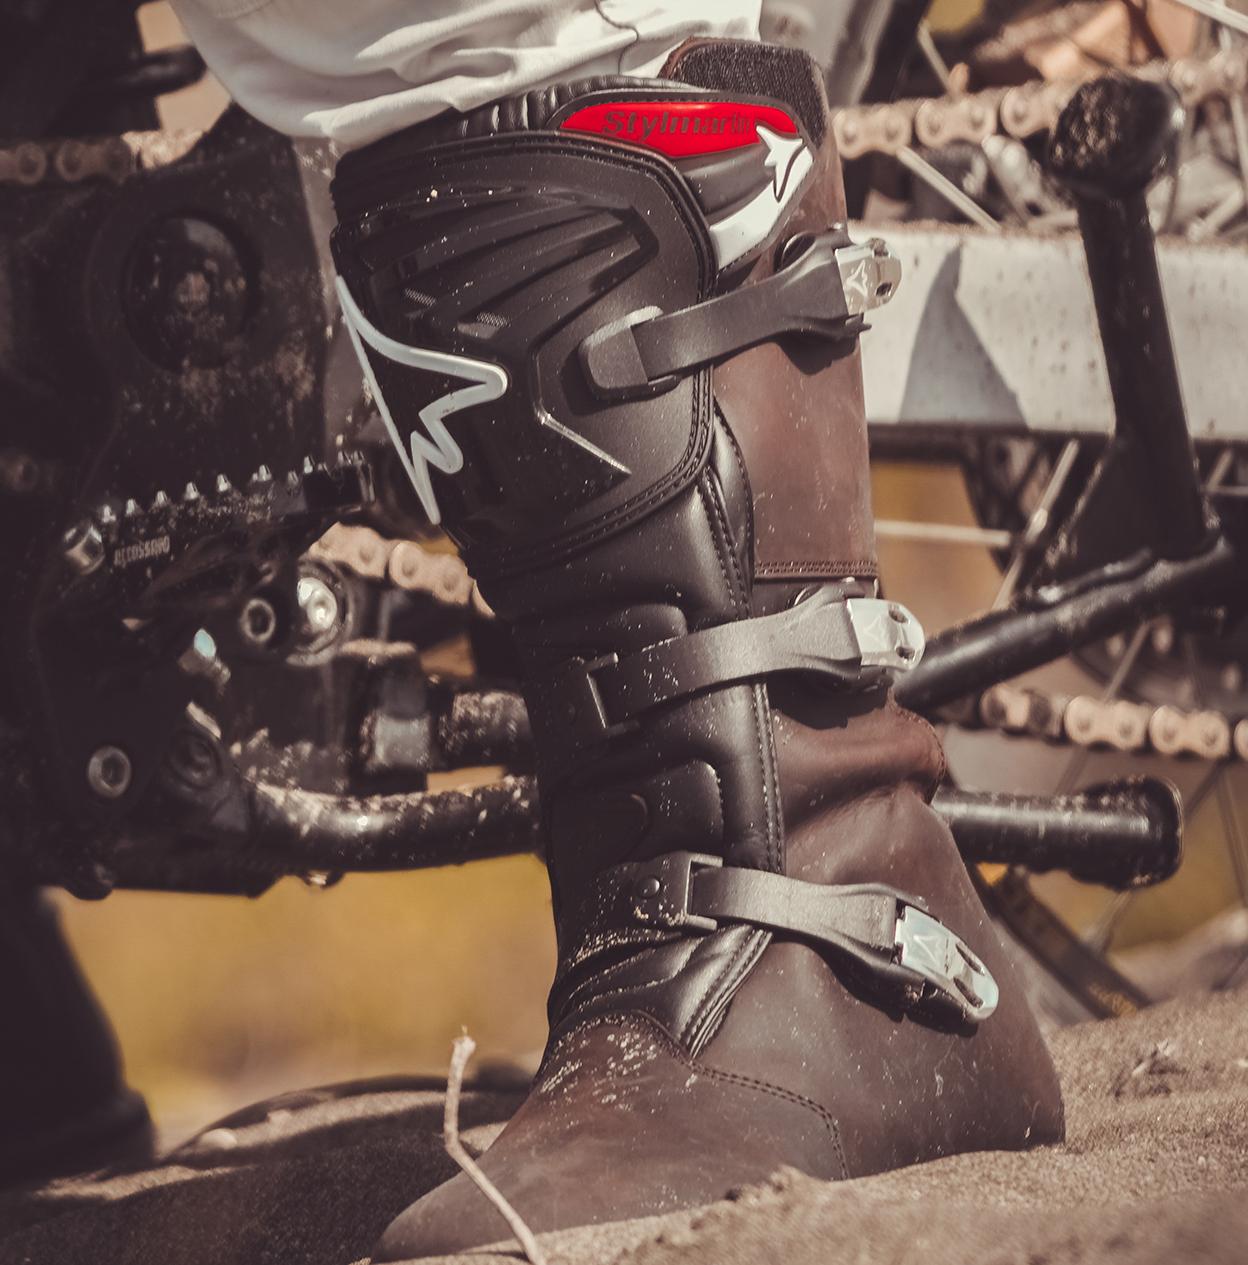 Gli stivali migliori per...Enduro